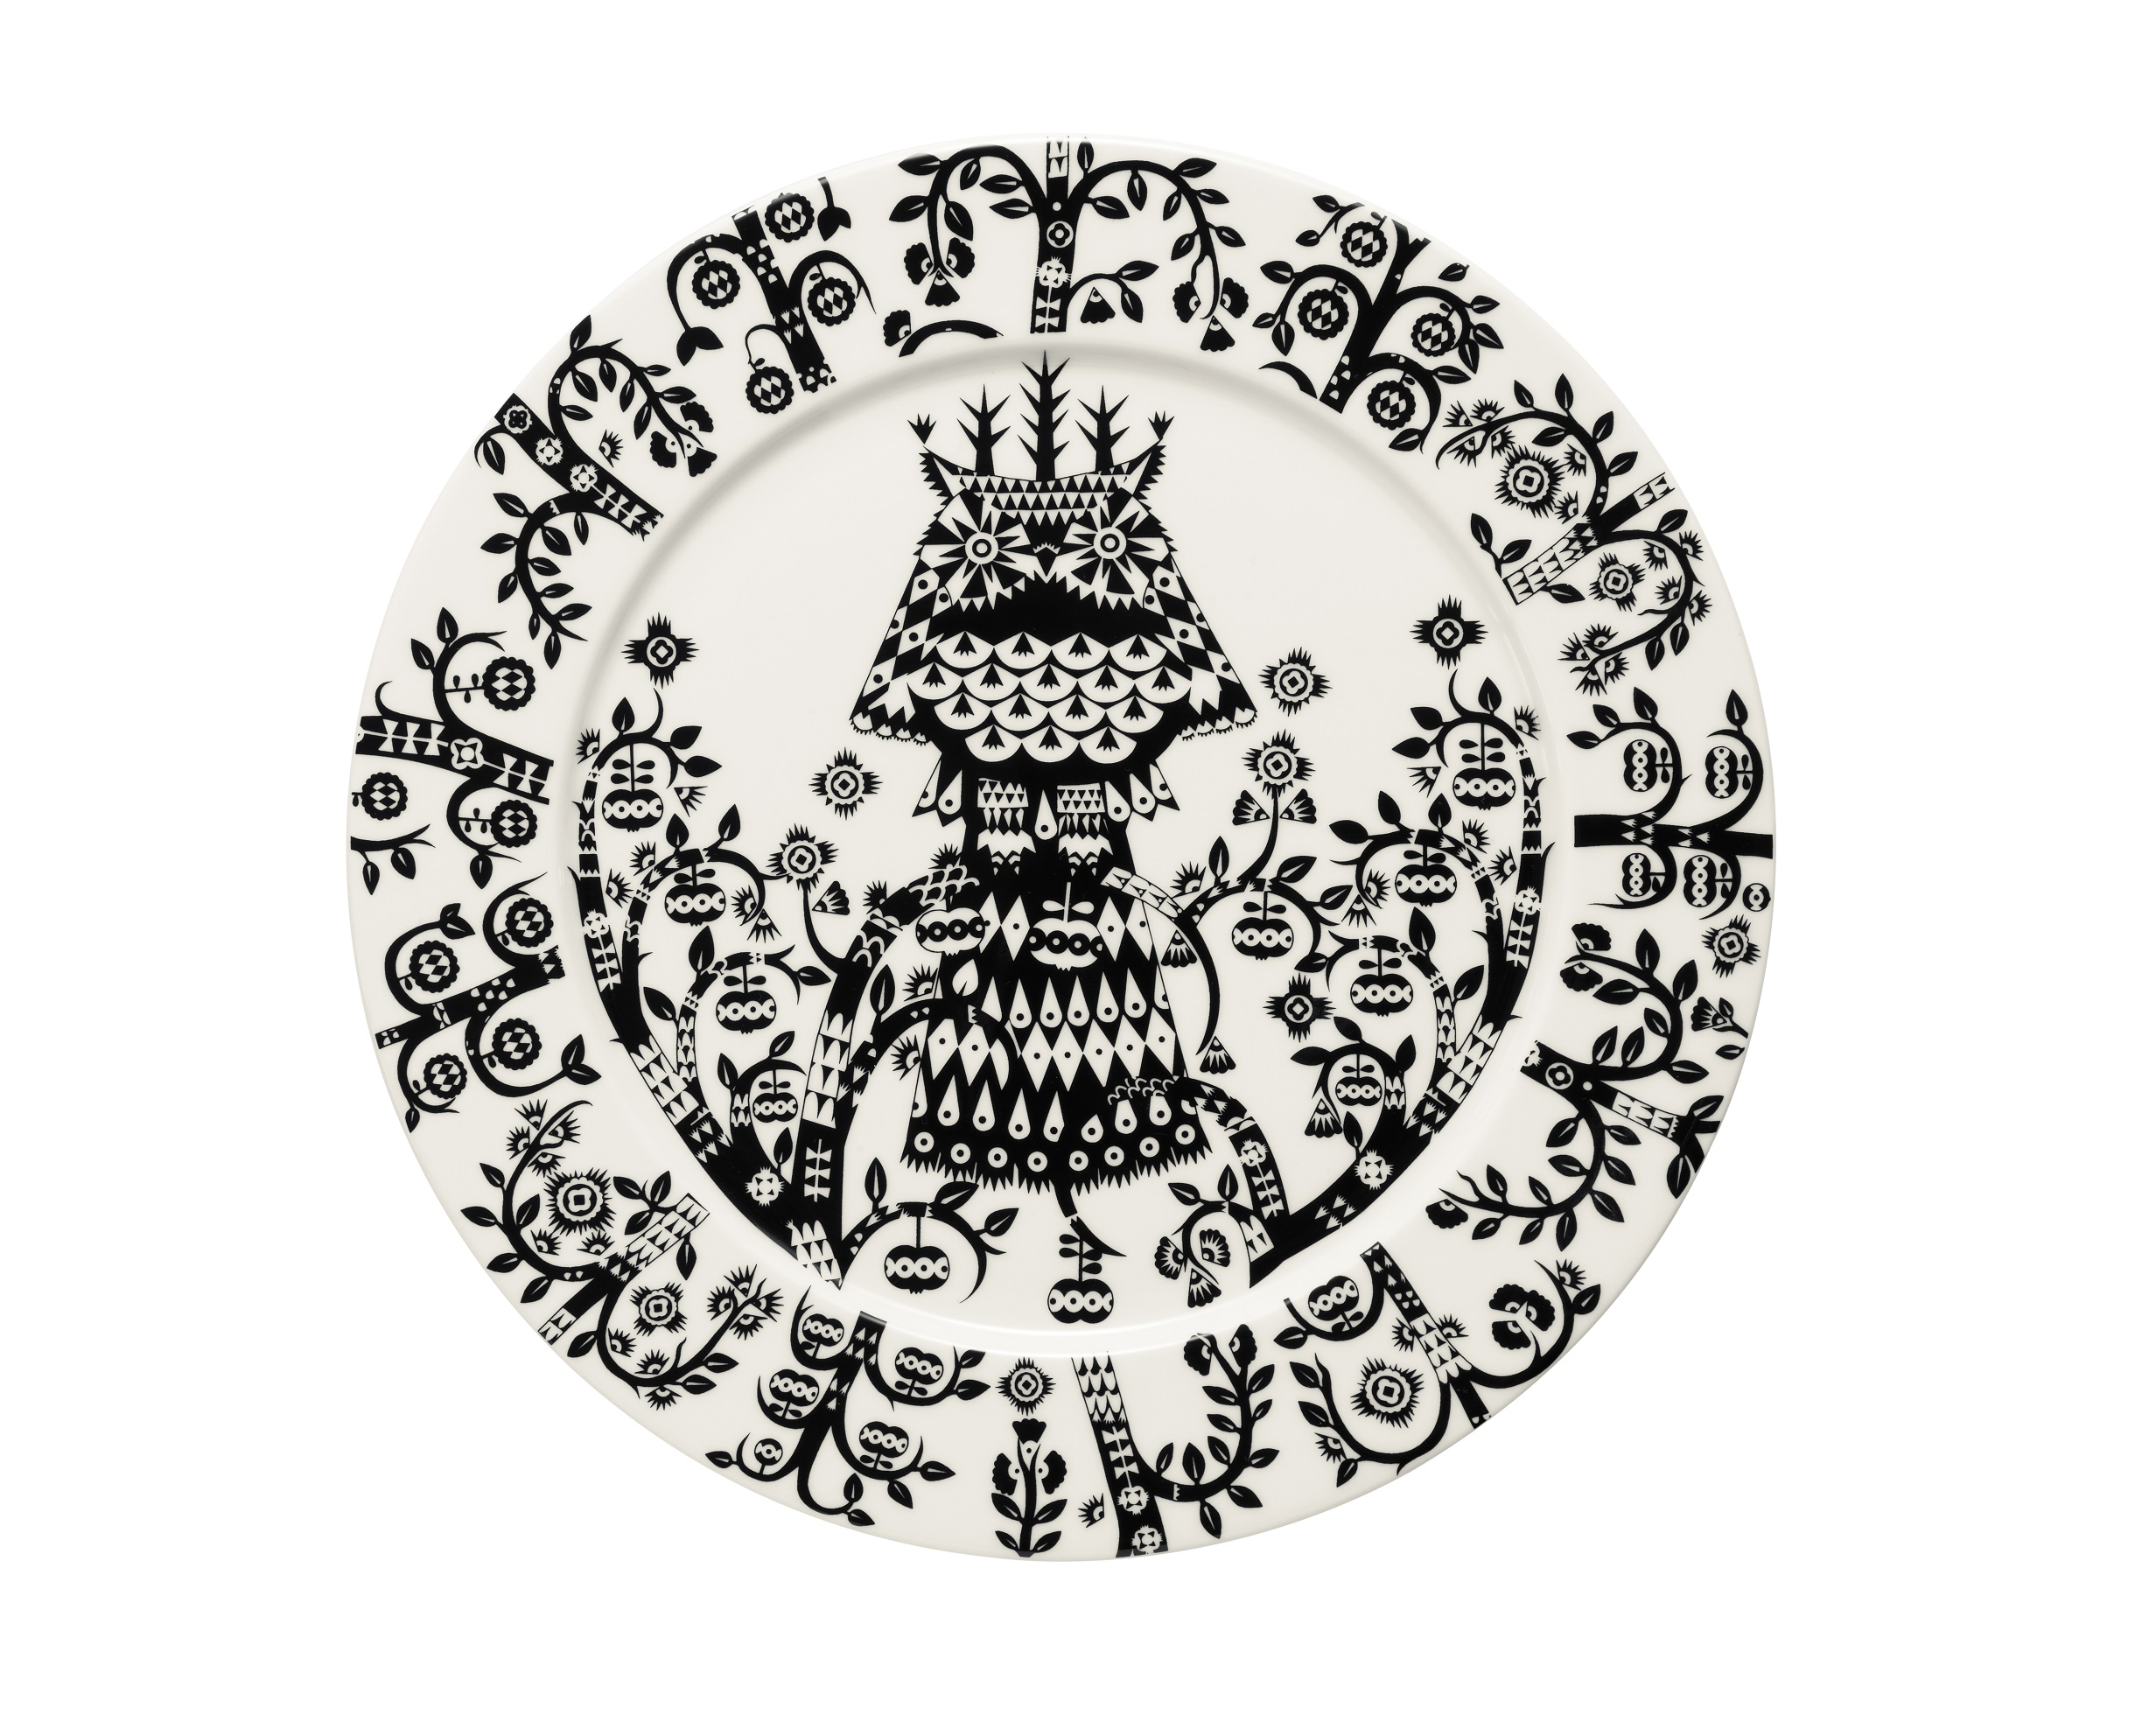 Тарелка TaikaТарелки<br>На финском языке Taika означает «волшебство». Знаменитый финиский дизайнер и иллюстратор Klaus Haapaniemi хочет, чтобы его иллюстрации дали толчок вашему воображению. В сочетании с другими сериями Iittala, Taika позволяет прикоснуться к миру фантазии, впустить волшебство в нашу повседневную жизнь.<br><br>Material: Фарфор<br>Length см: None<br>Width см: None<br>Depth см: None<br>Height см: 1<br>Diameter см: 27